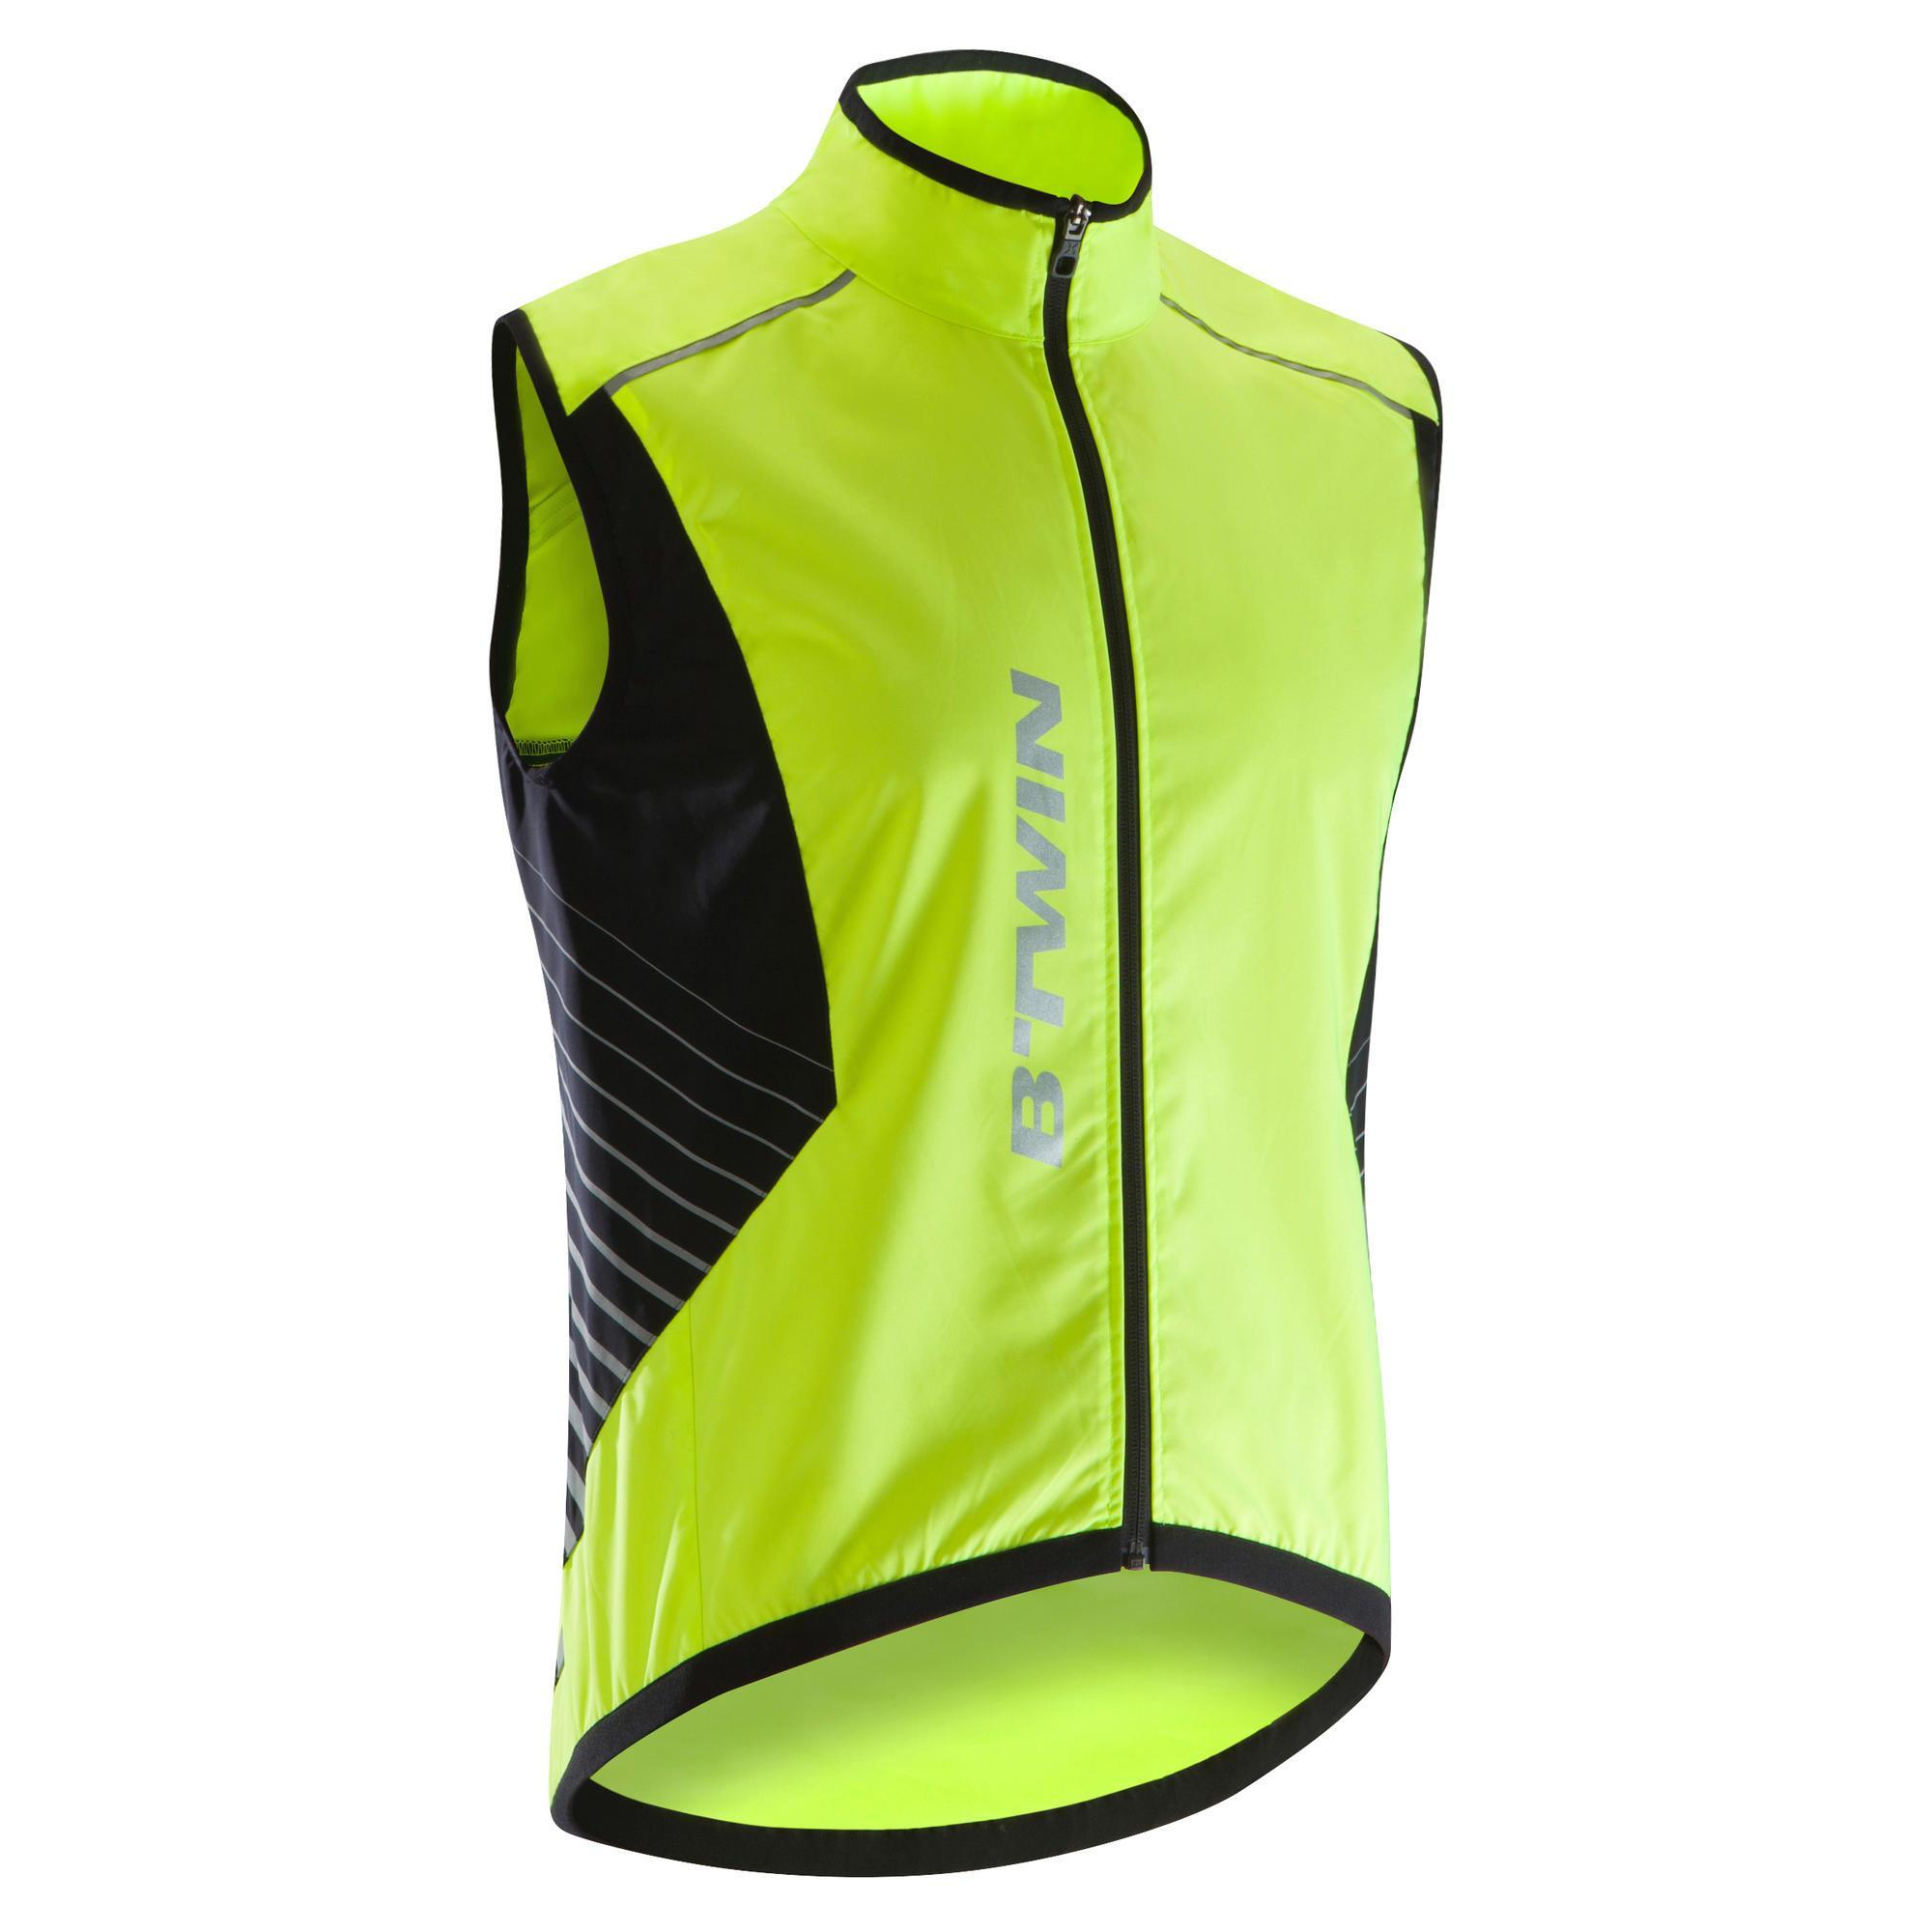 Fahrradweste 500 Herren neon | Sportbekleidung > Sportwesten > Fahrradwesten | B'twin